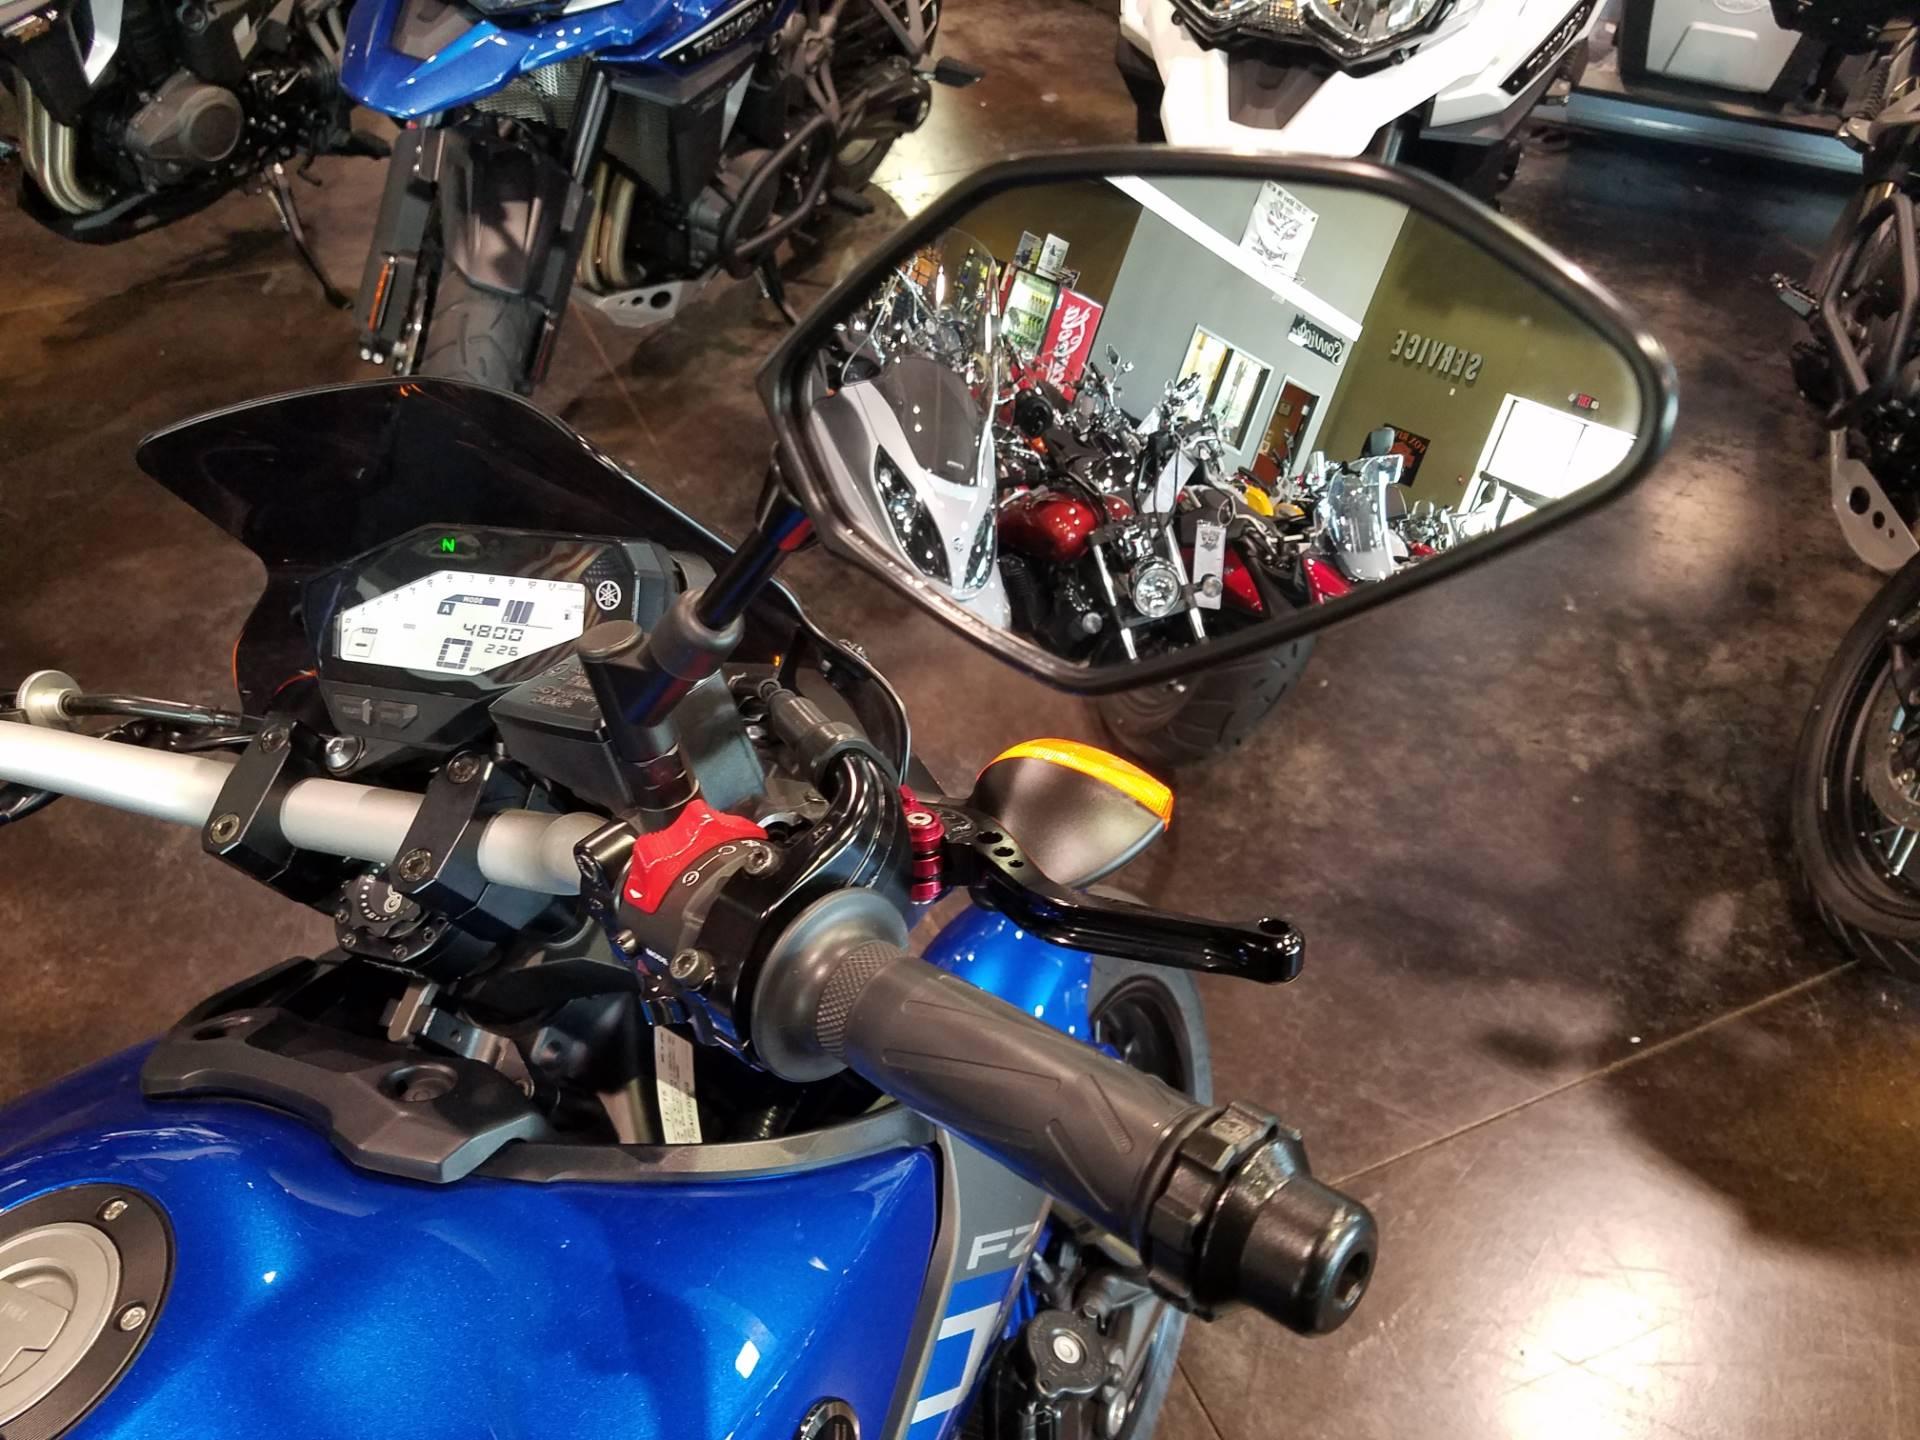 2016 Yamaha FZ-09 11